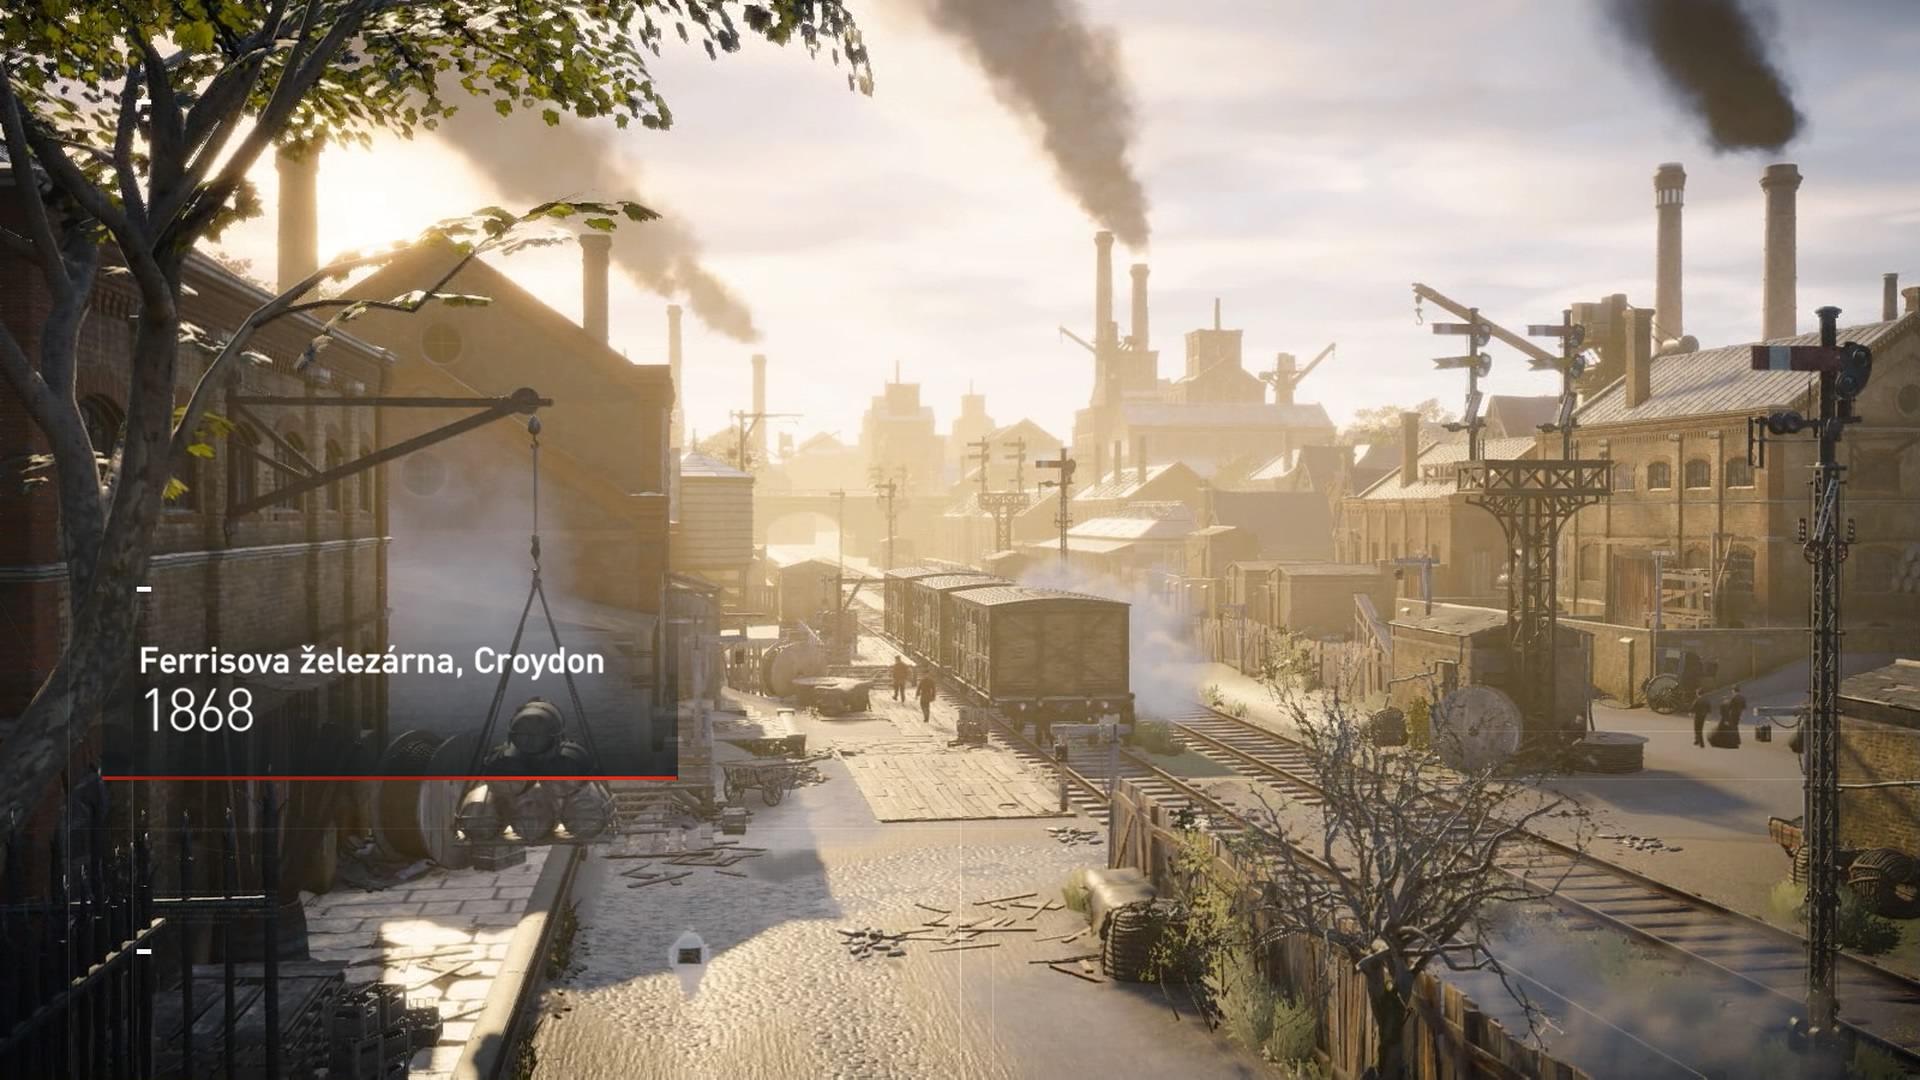 Čeština v Assassin's Creed: Syndicate je kompletní 115335